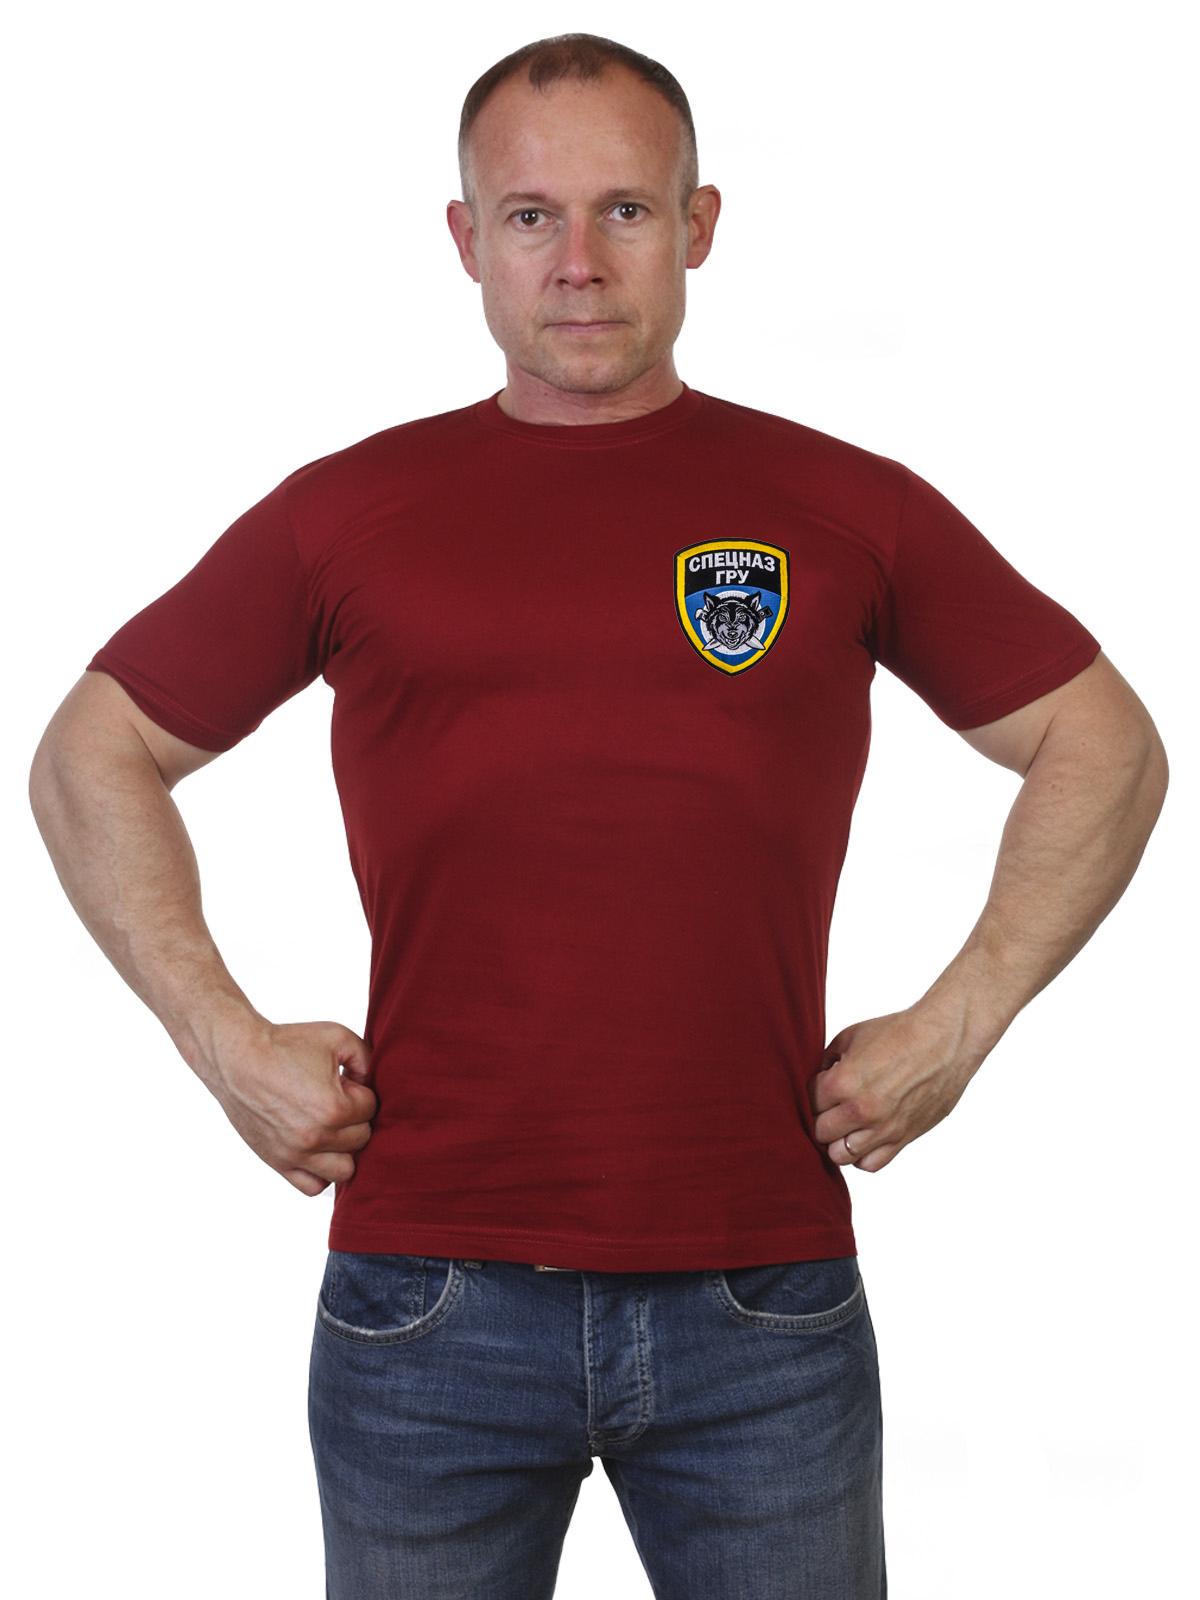 Купить мужскую краповую футболку Спецназа ГРУ